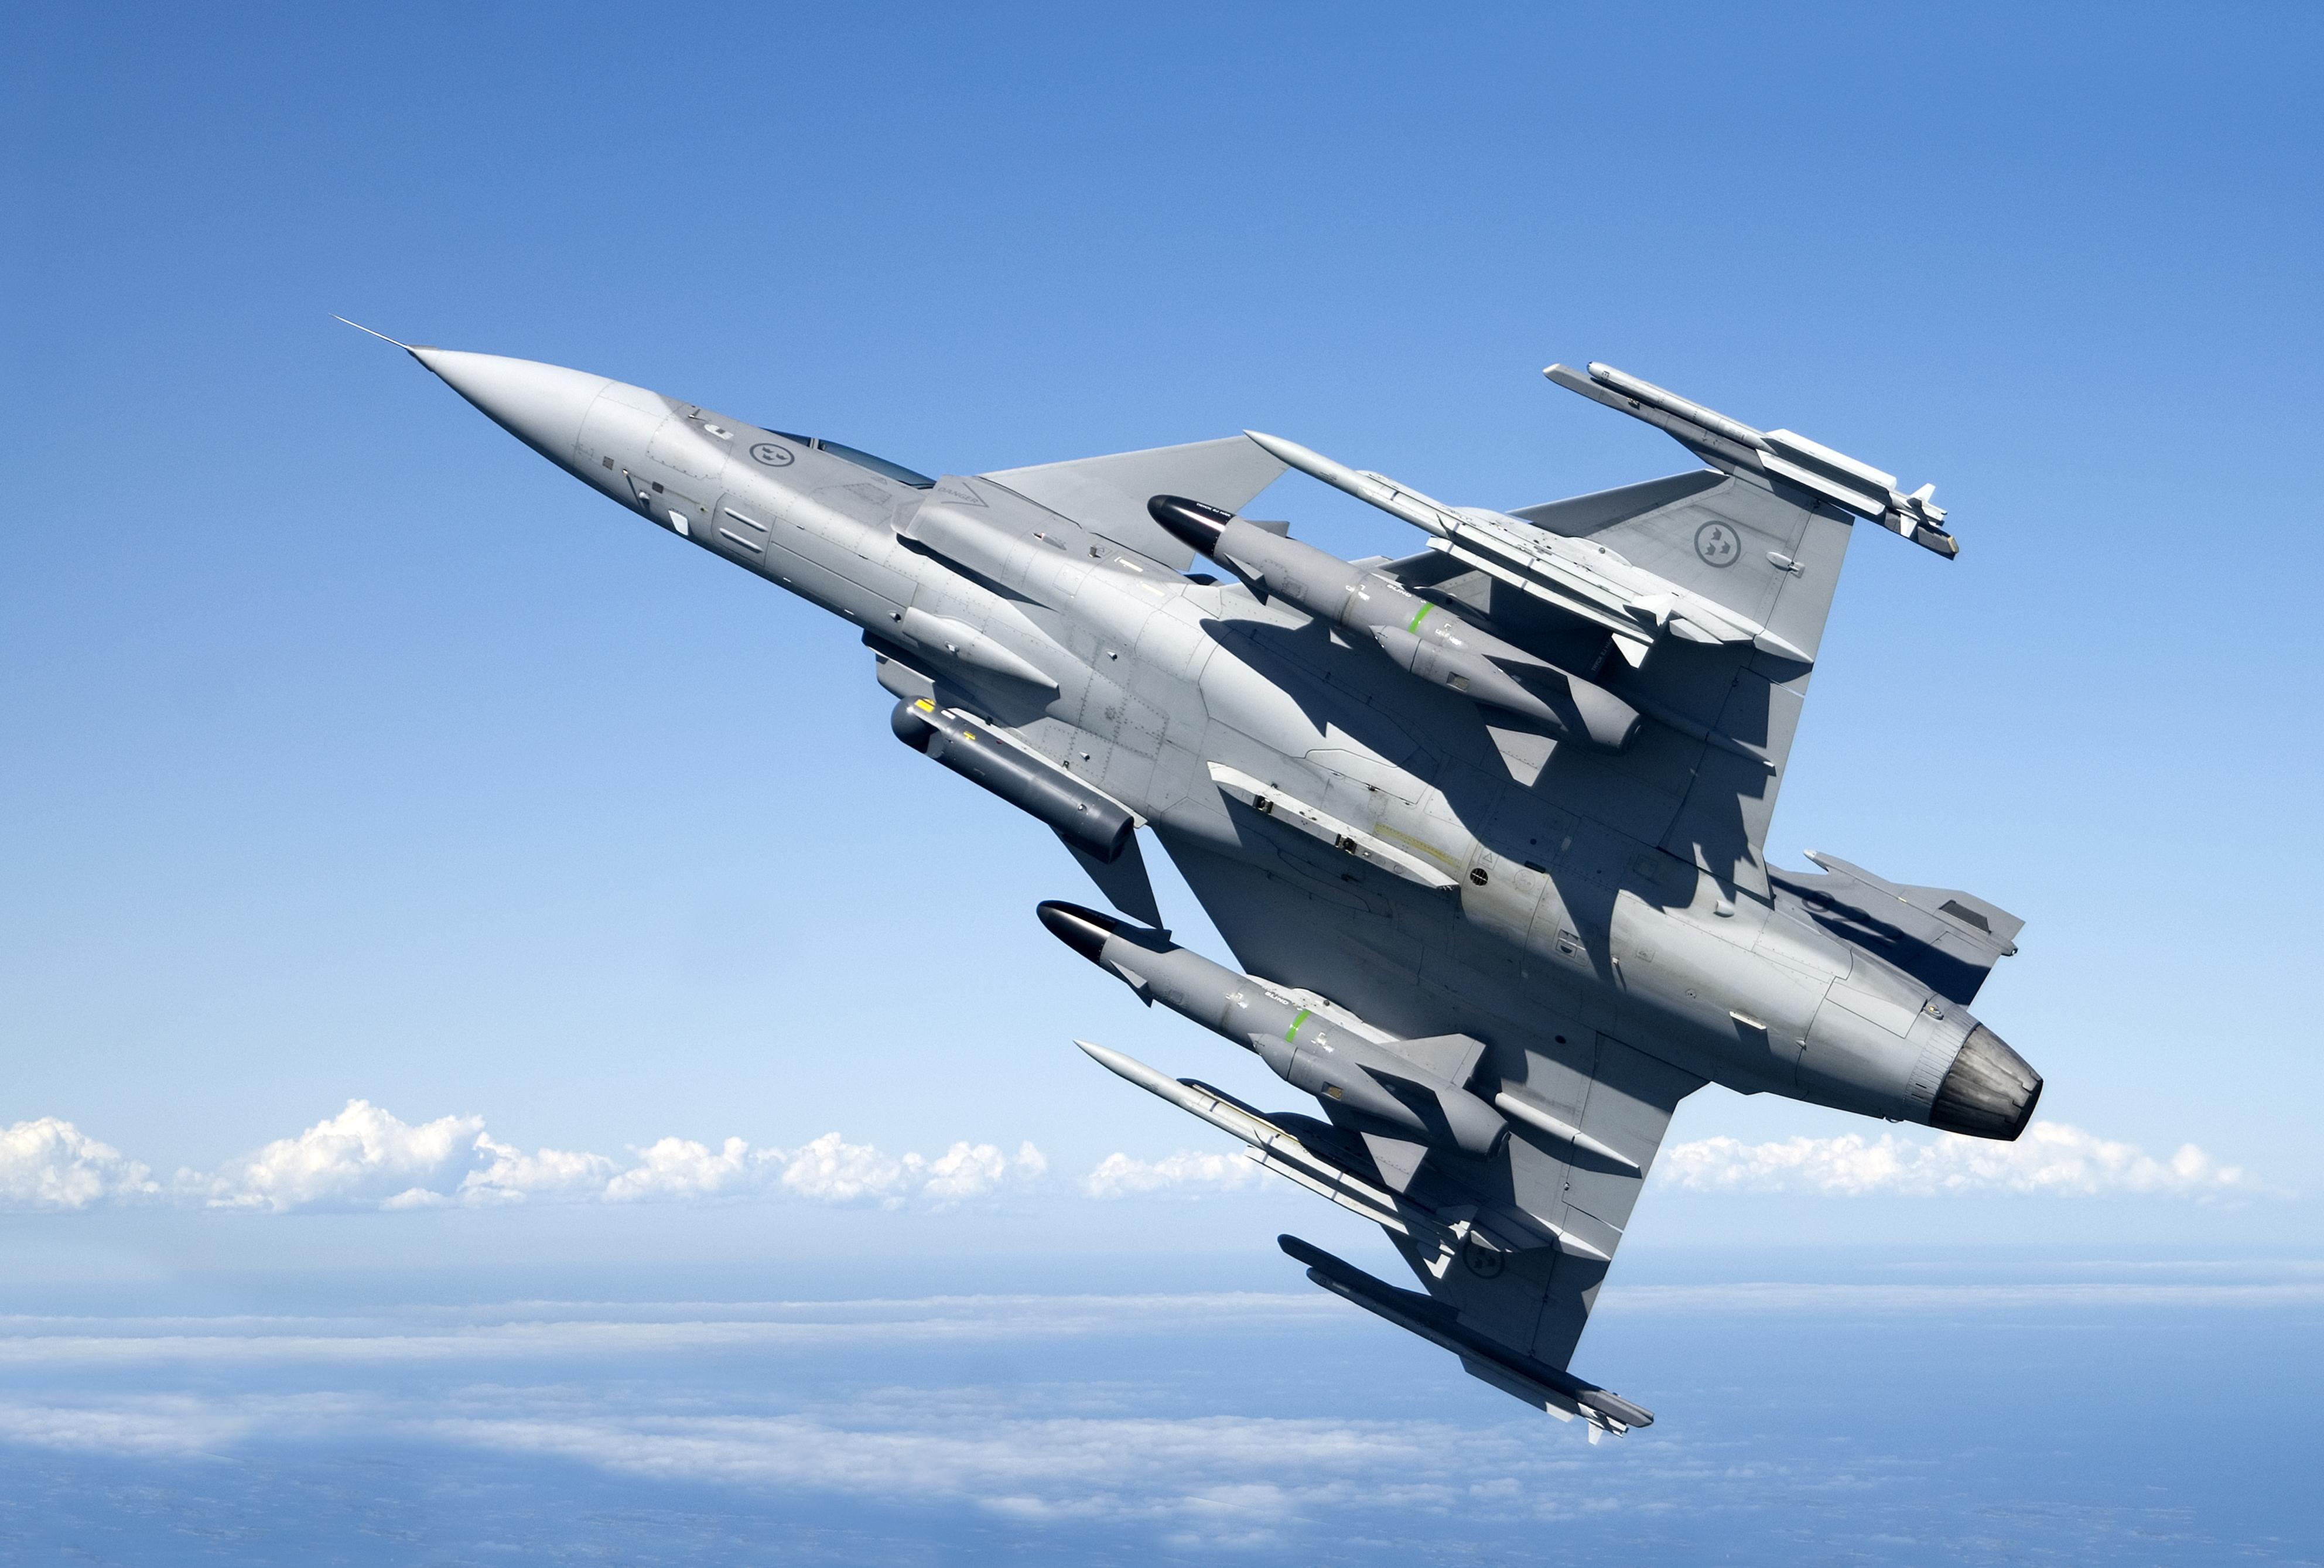 Comisia Europeana cere licitatii pentru achizitionarea de avioane de lupta